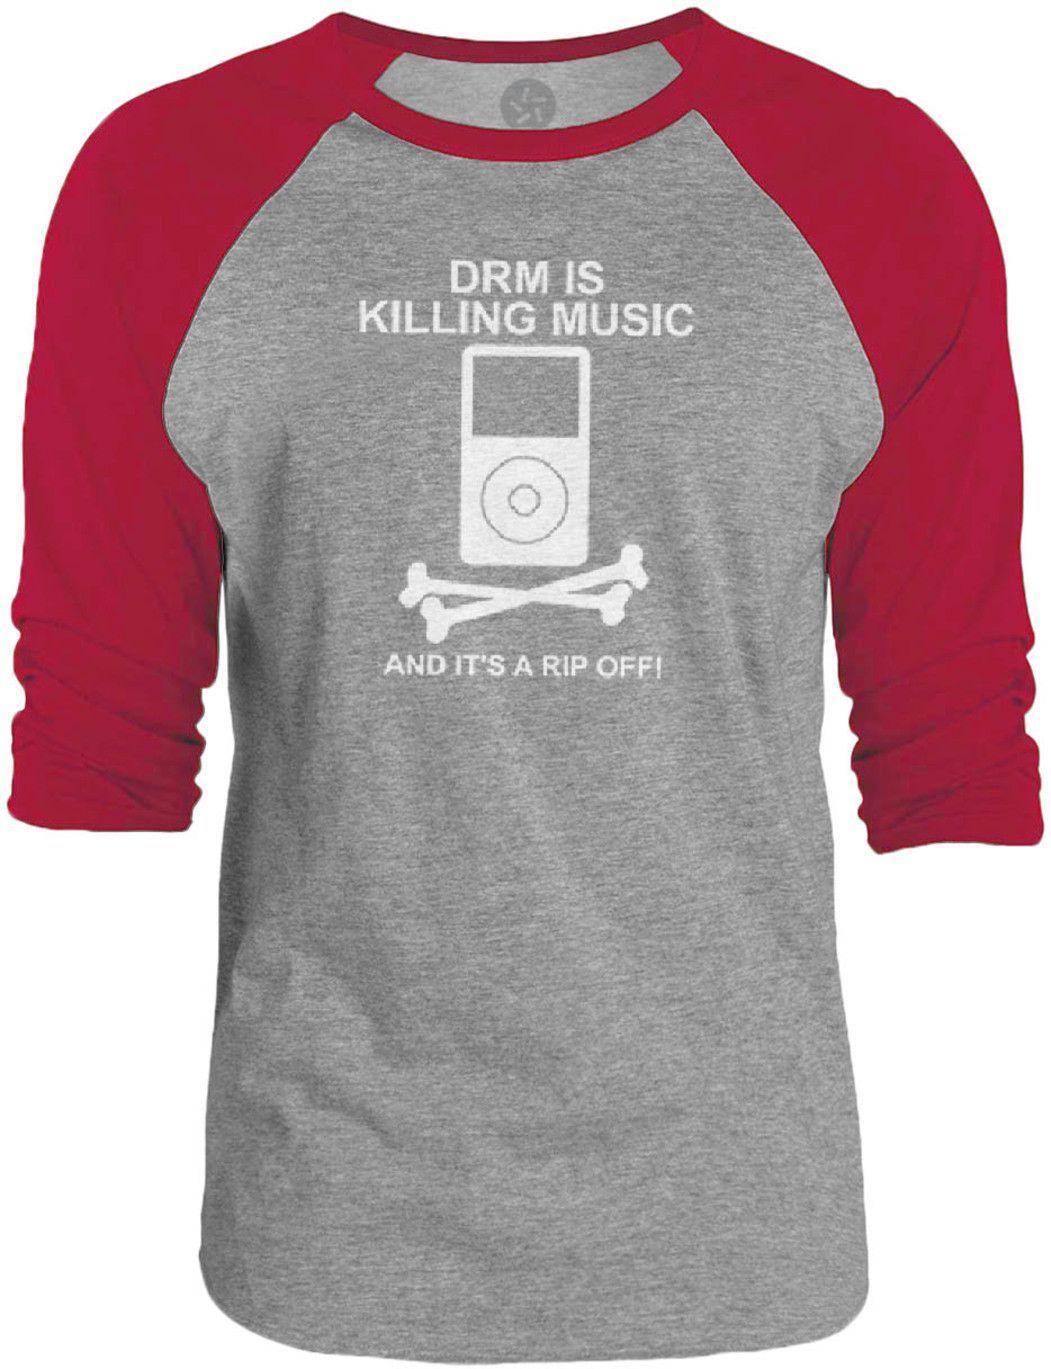 Big Texas DRM is Killing Music (White) 3/4-Sleeve Raglan Baseball T-Shirt